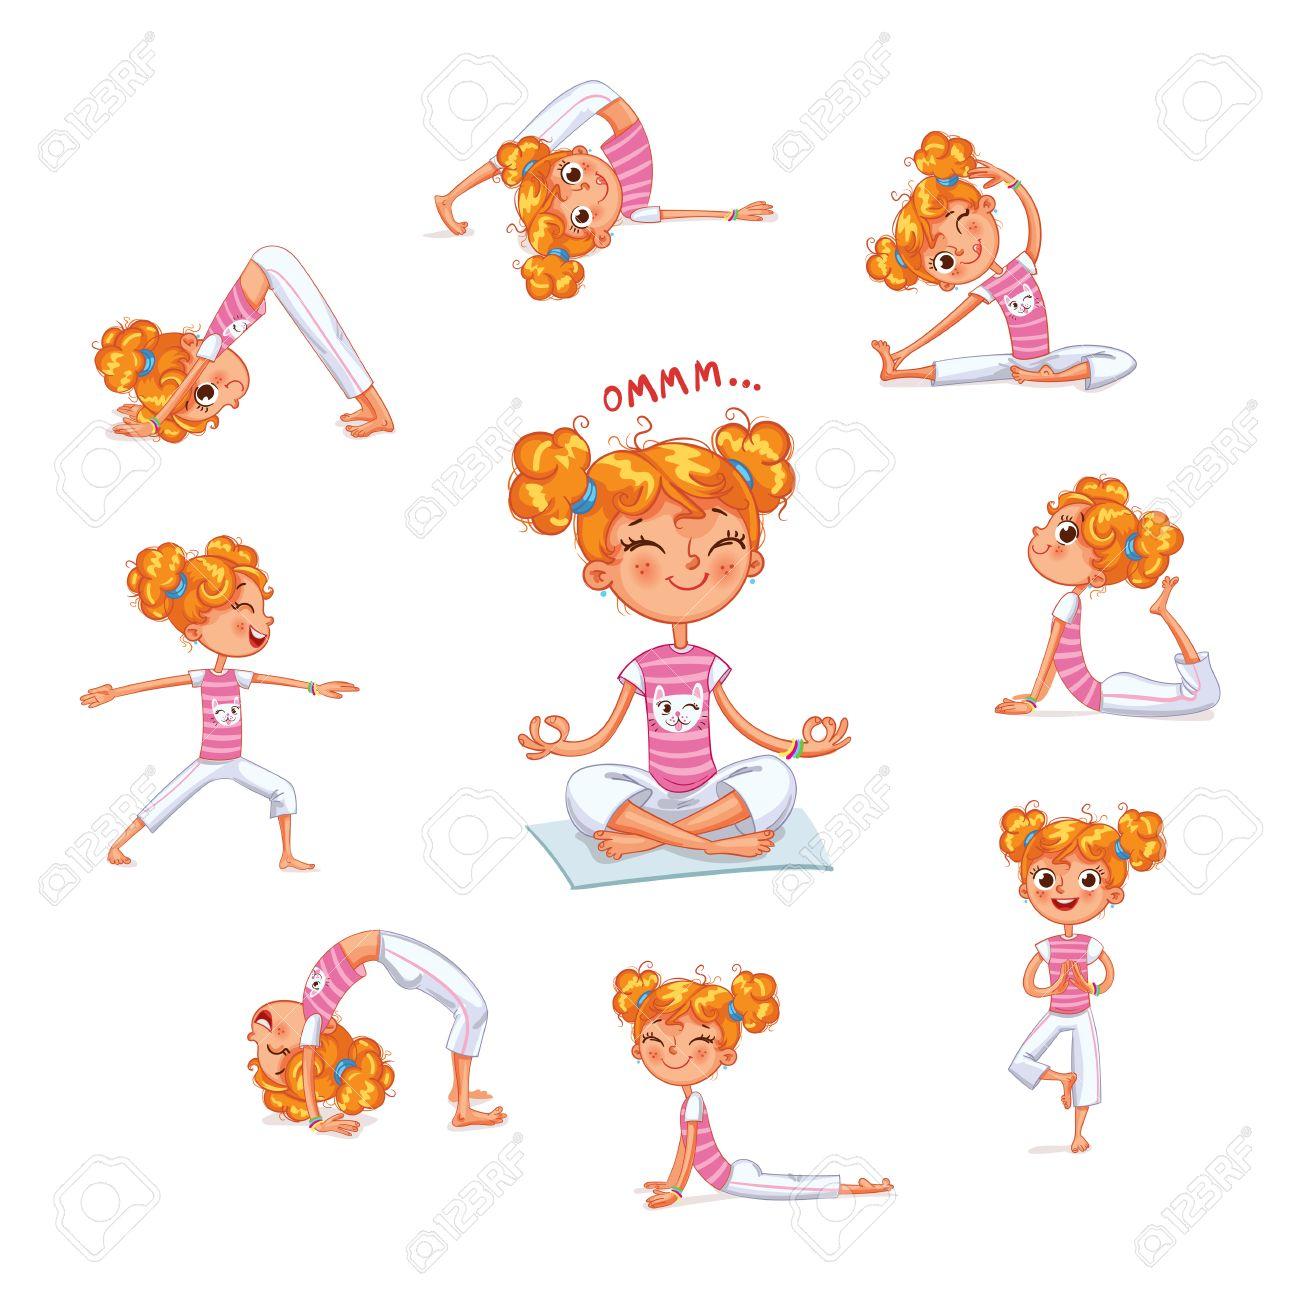 Chica Dedica A Ejercicios Físicos Los Niños De Fitness Niño Yoga Gimnasia Para Niños Juega Deportes Personaje De Dibujos Animados Divertido